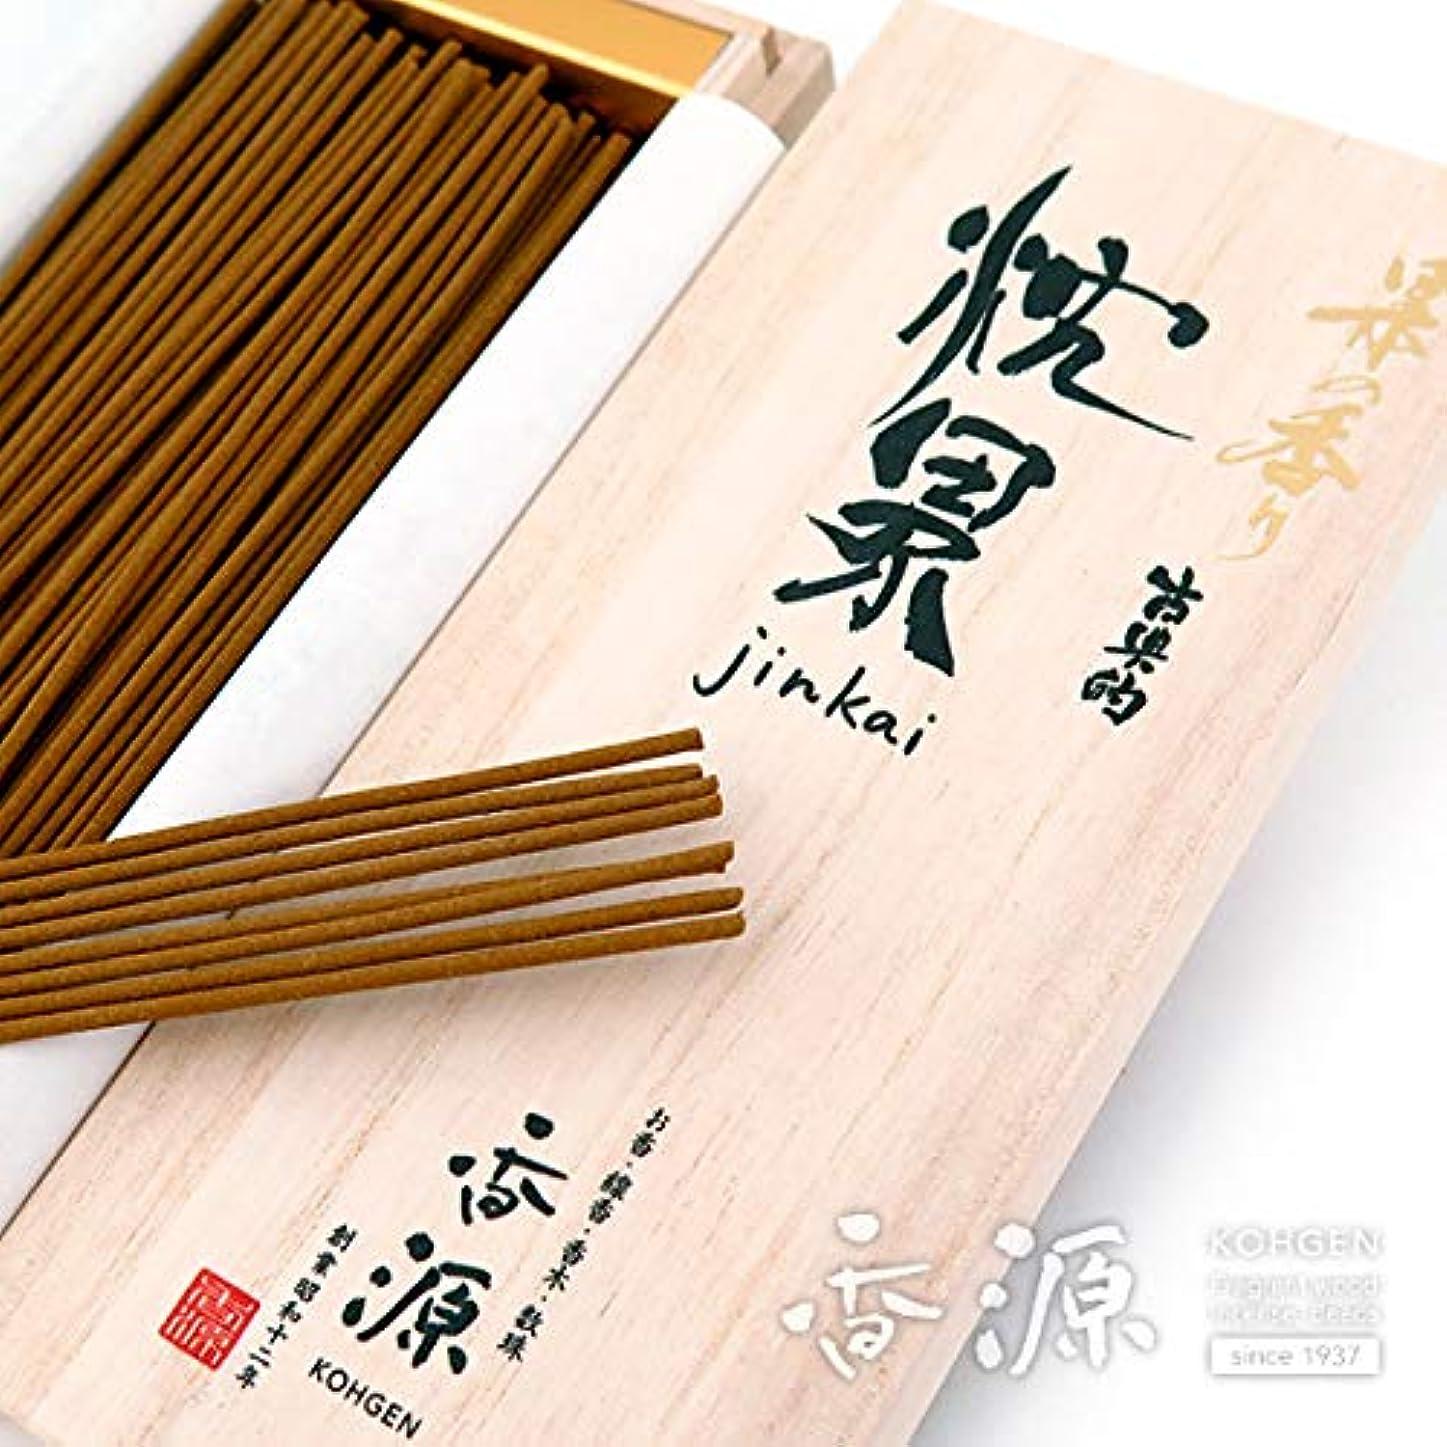 ストライド開始東香源オリジナル 日本の香り 沈界 短寸桐箱入 お香 お線香 スティック型インセンス 完全限定品 沈香